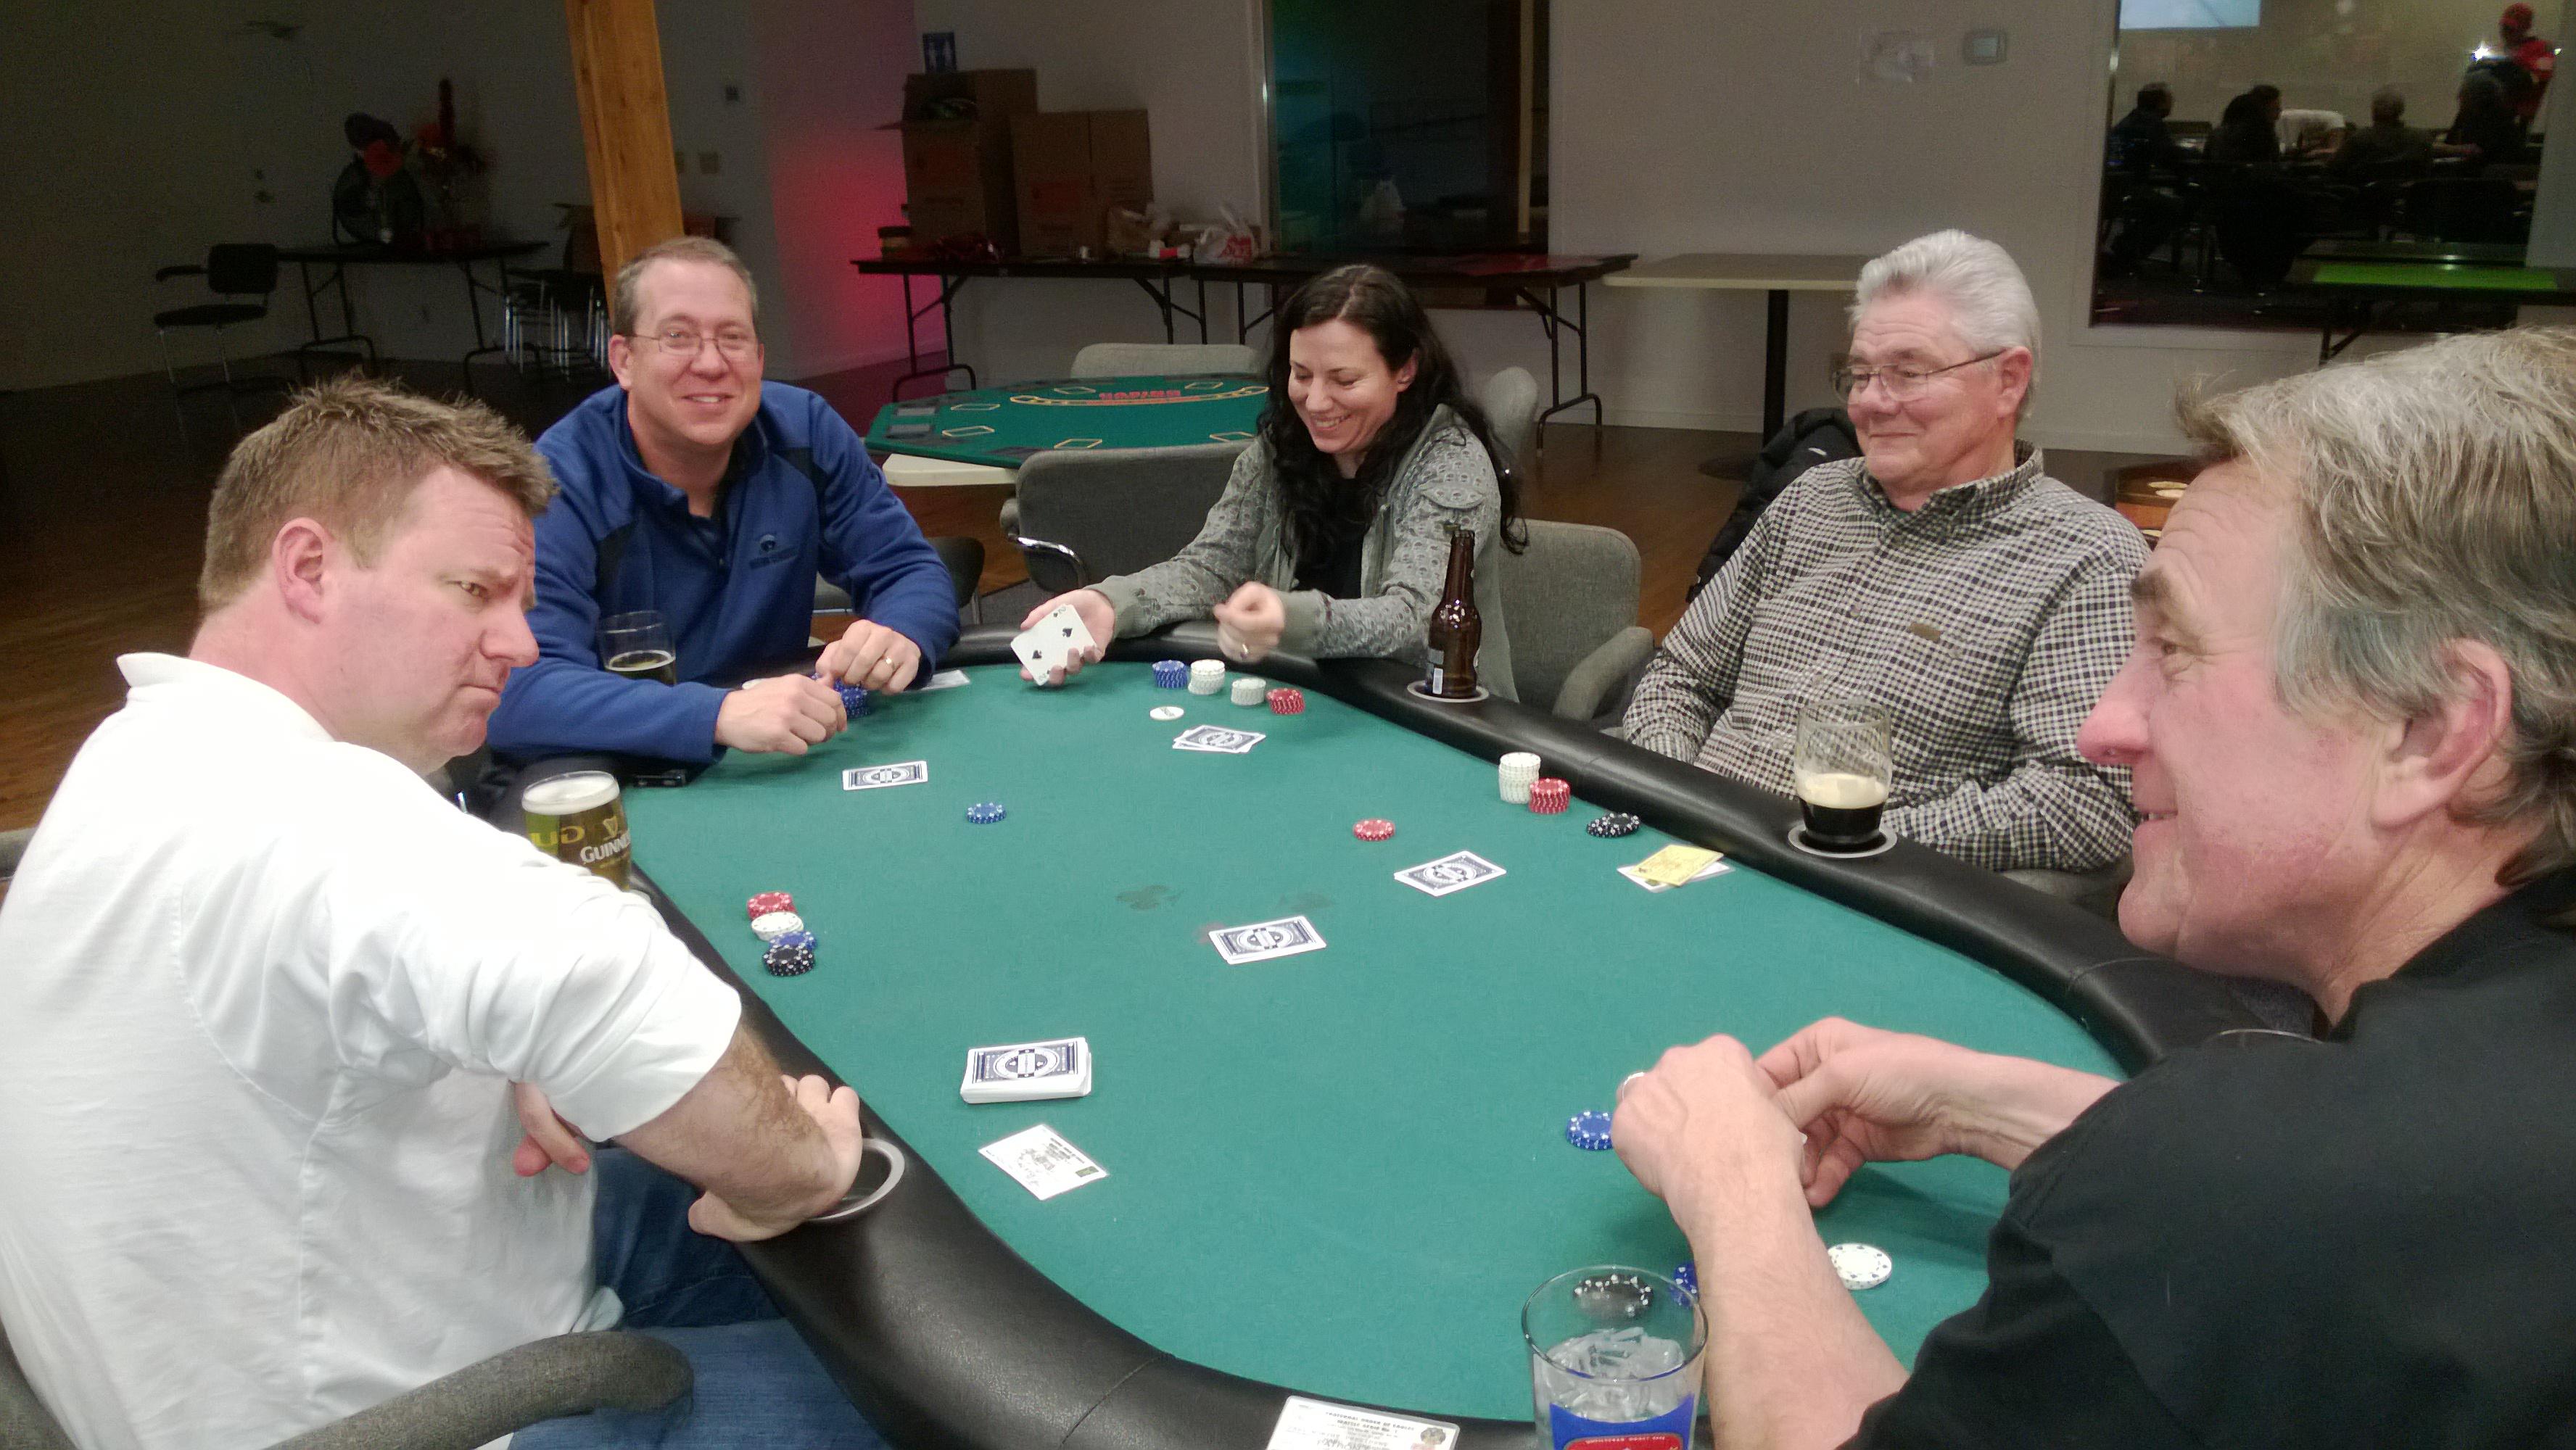 Poker Night!